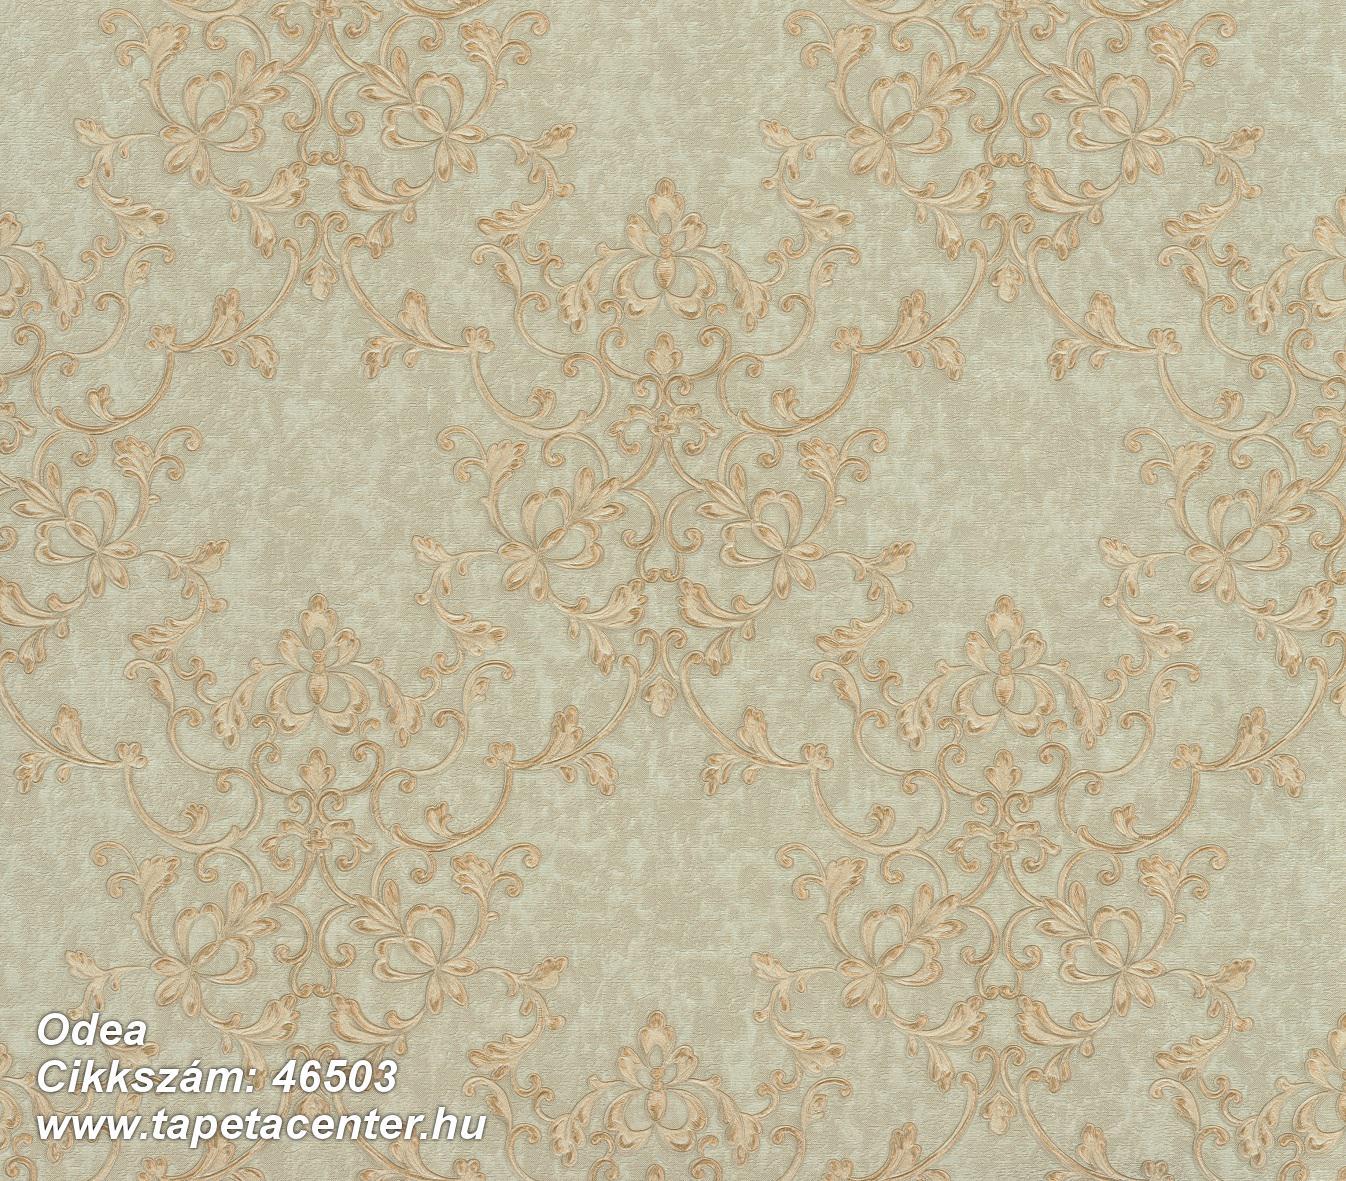 Odea - 46503 Olasz tapéta